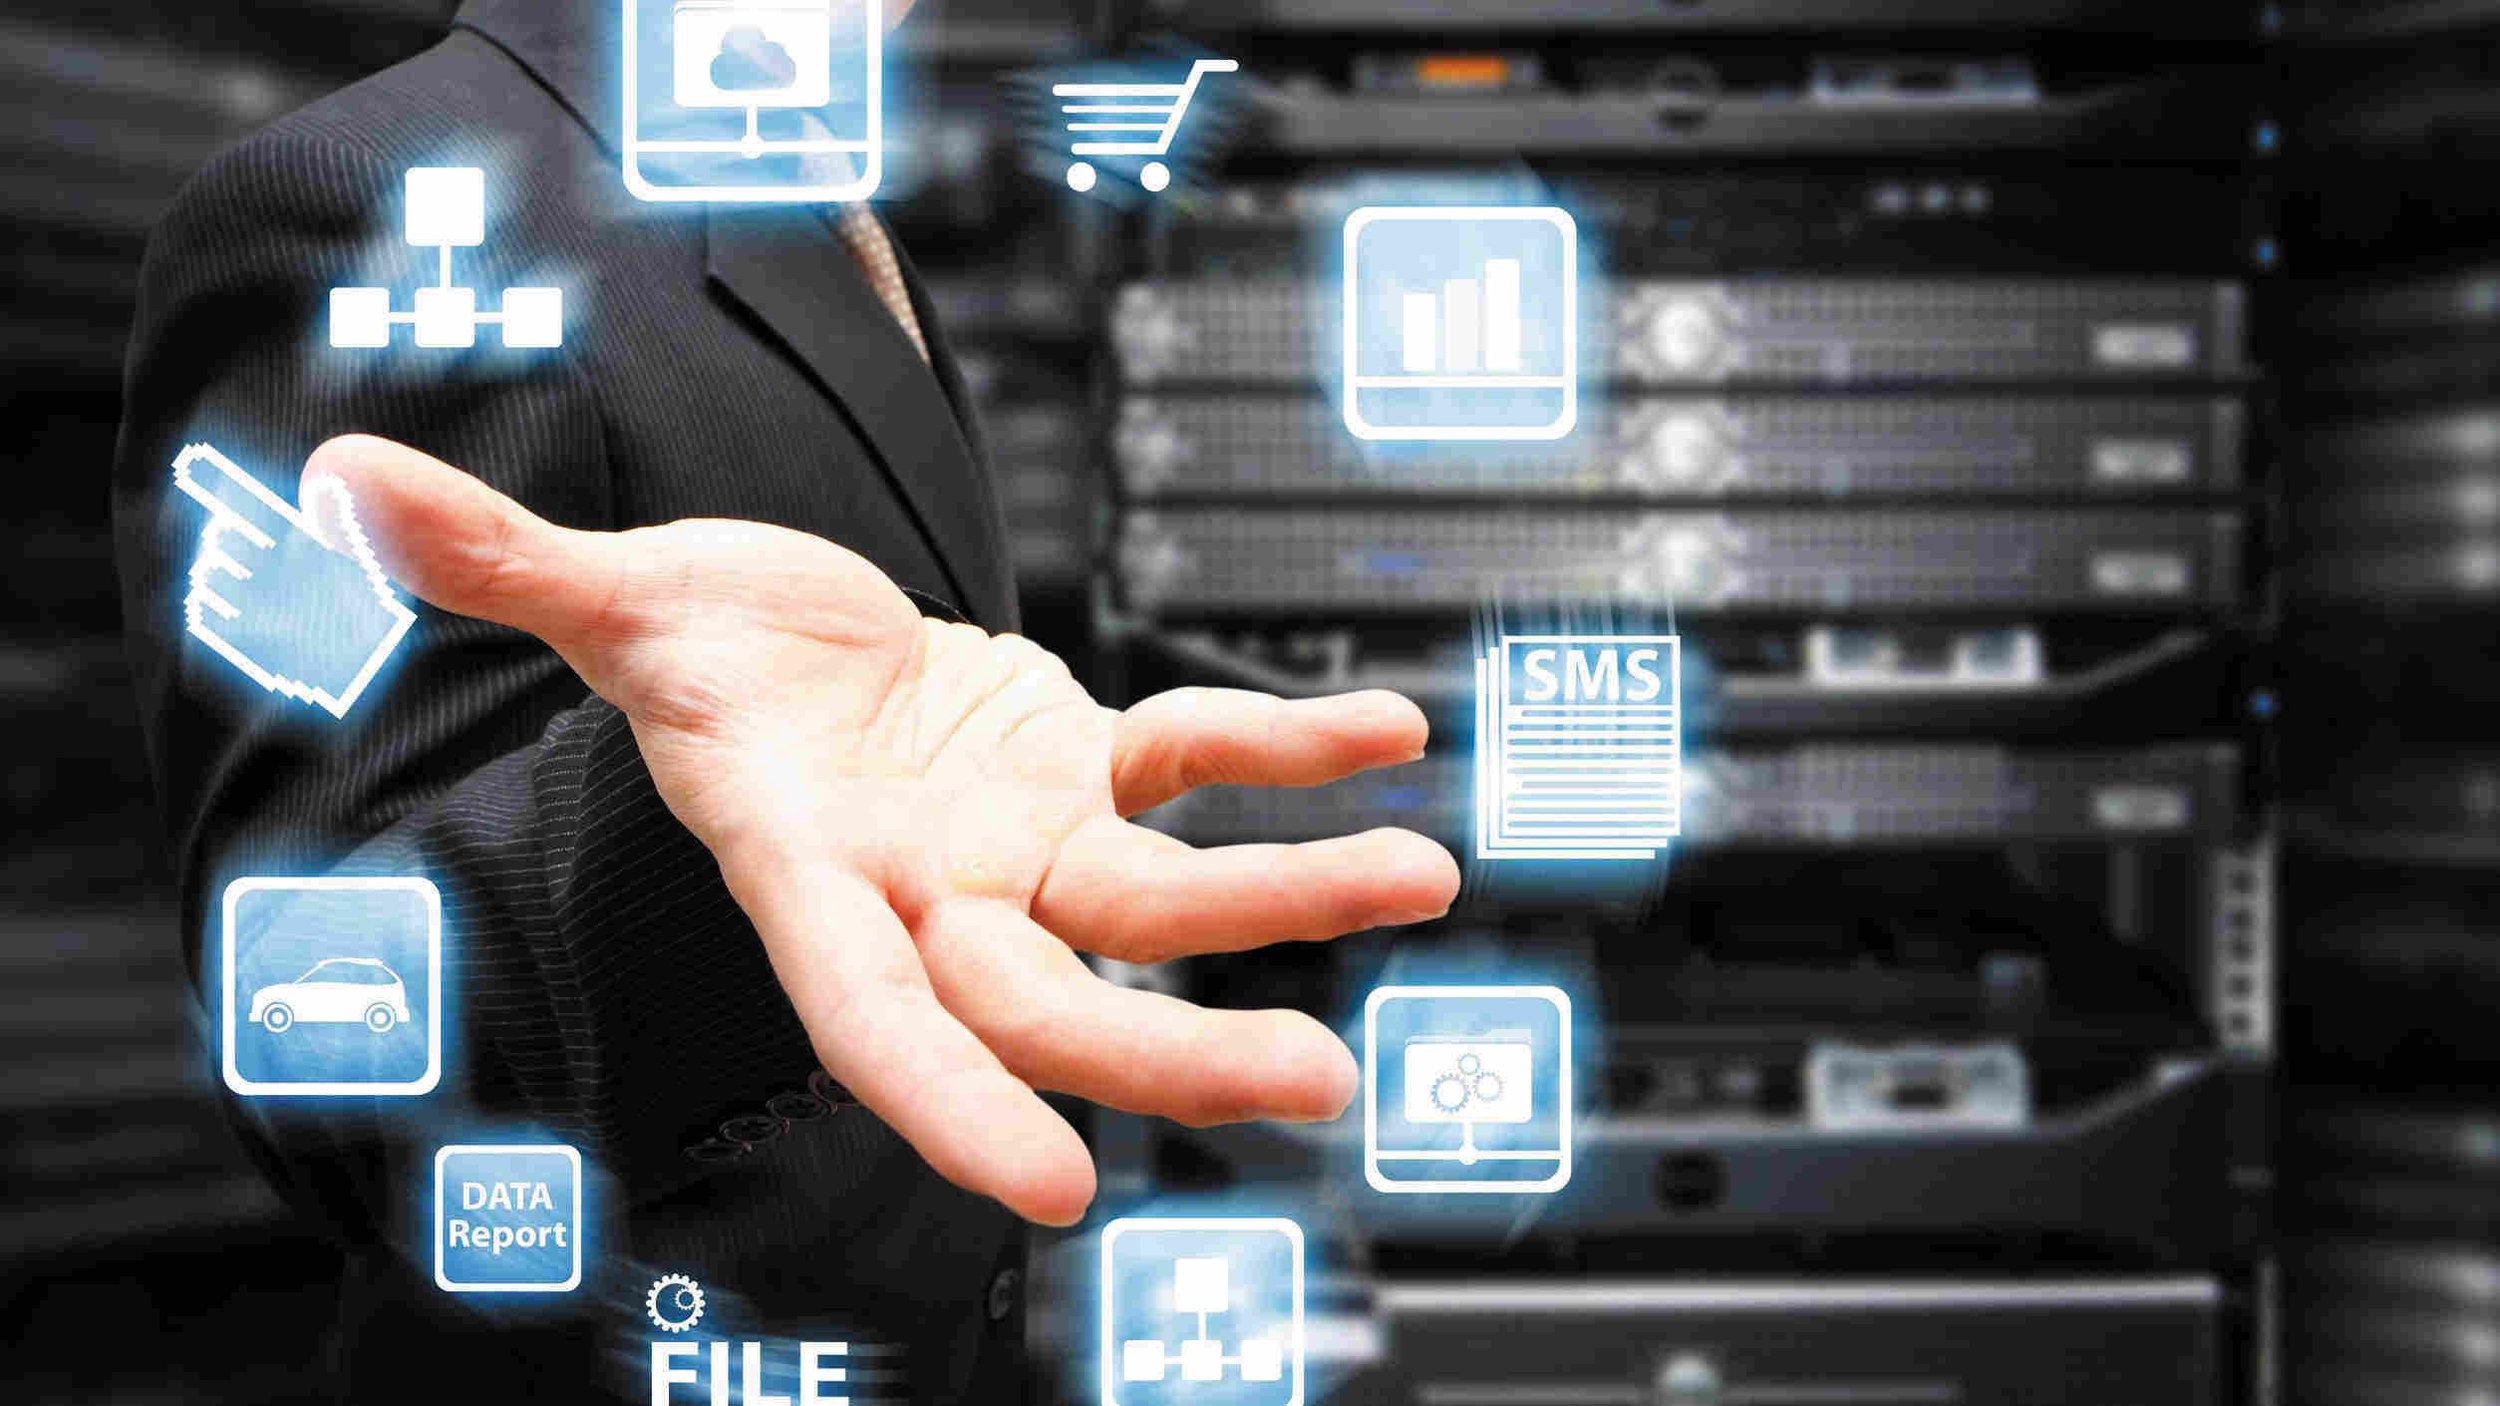 Datorhantering - Borné Consulting Client Management -Hantering av alla era datorer med automatiska programinstallationer och uppdateringar,möjlighet till rapportvertyg och fjärrsupport.Inklusive ett övervakat virusskydd där vi kan åtgärda problem direkt.